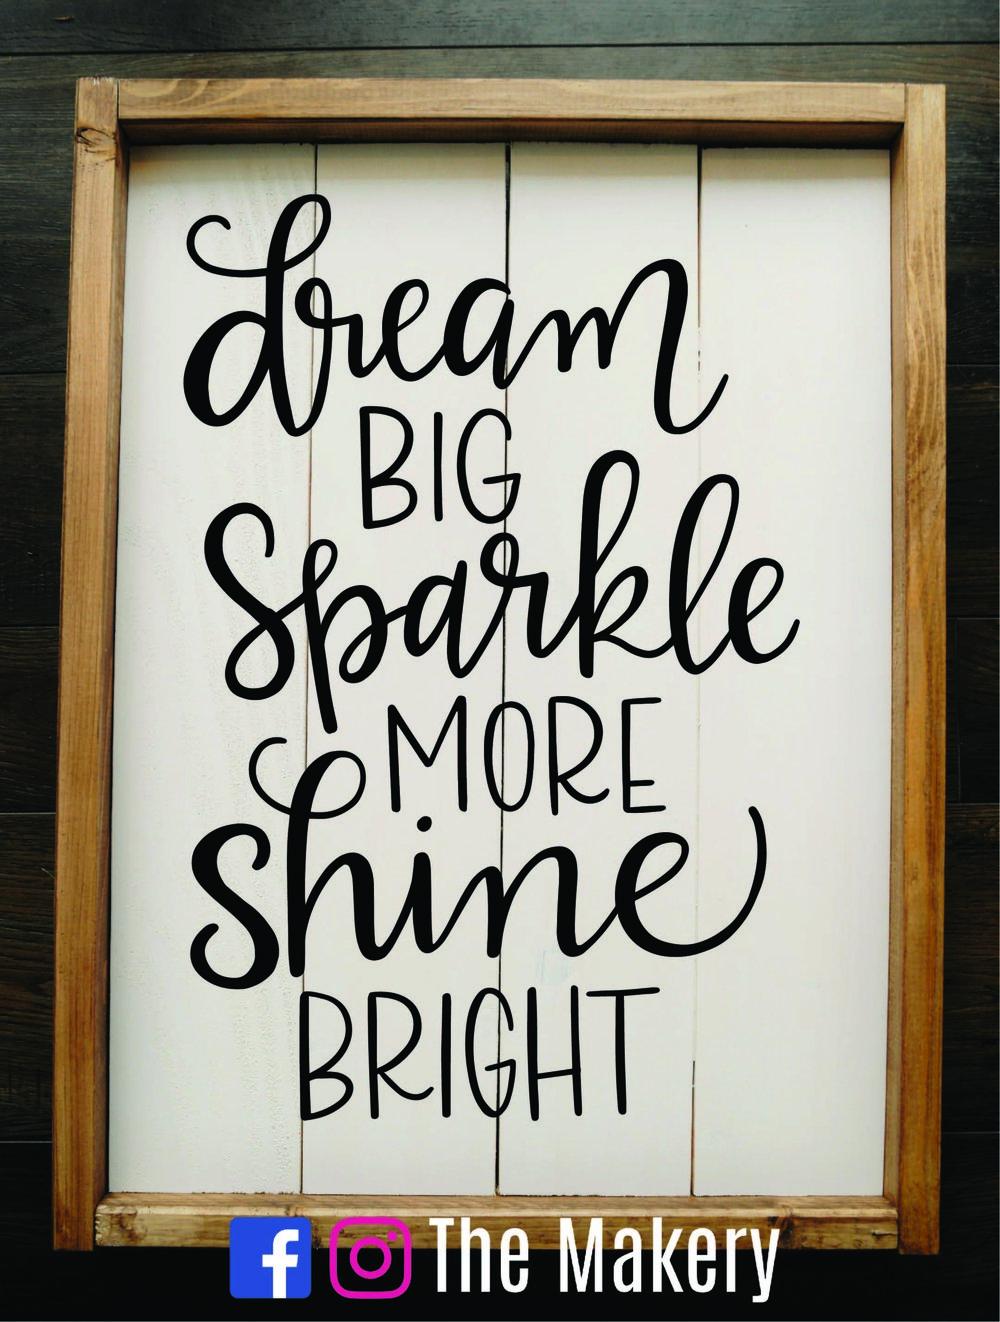 Dream Big Sparkle Bright Shine More.jpg